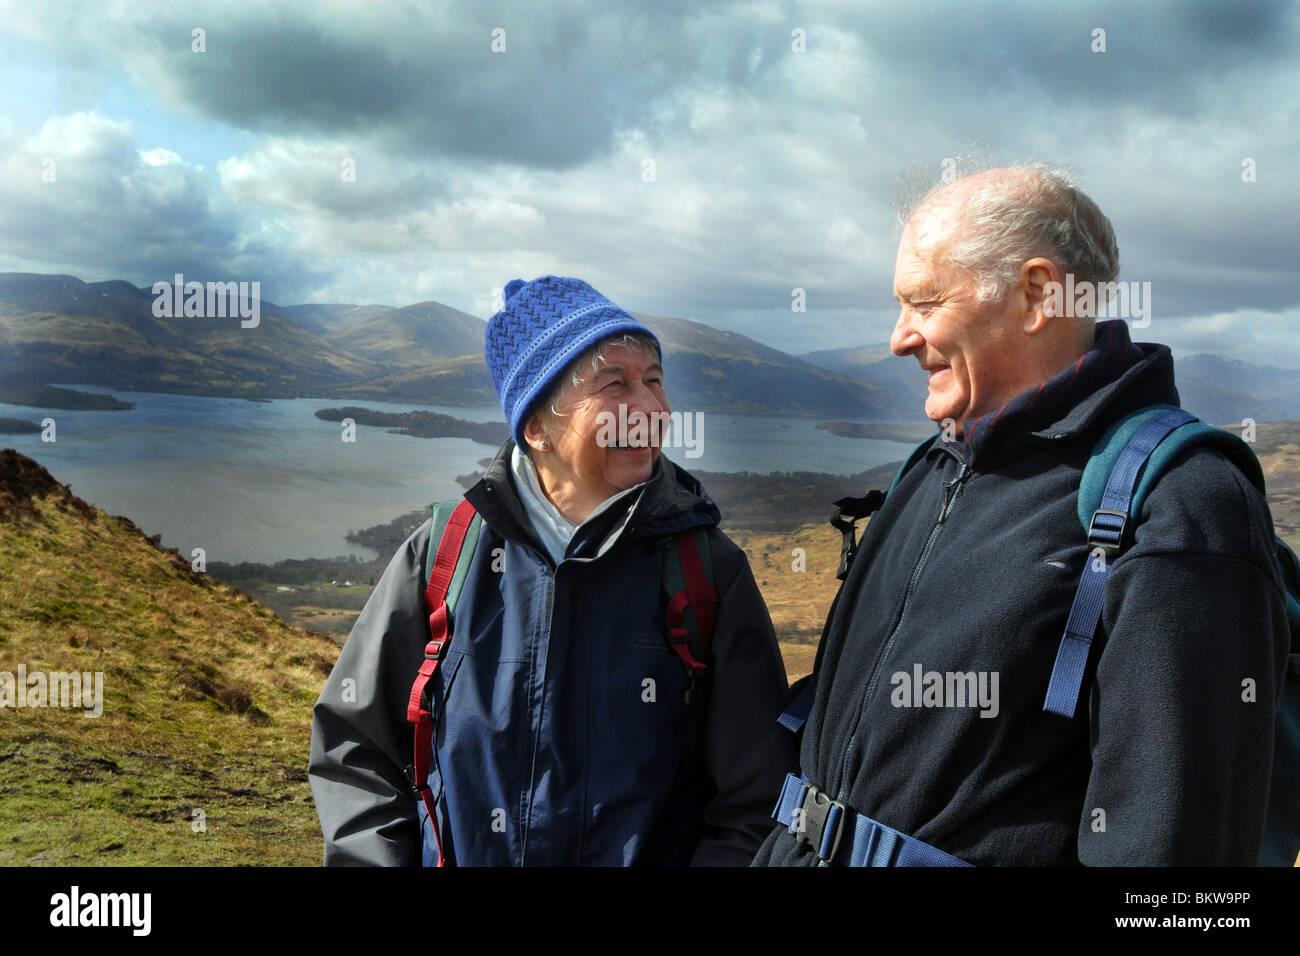 Persone anziane attive andare passeggiate in collina nel Trossachs National Park, Scozia Immagini Stock